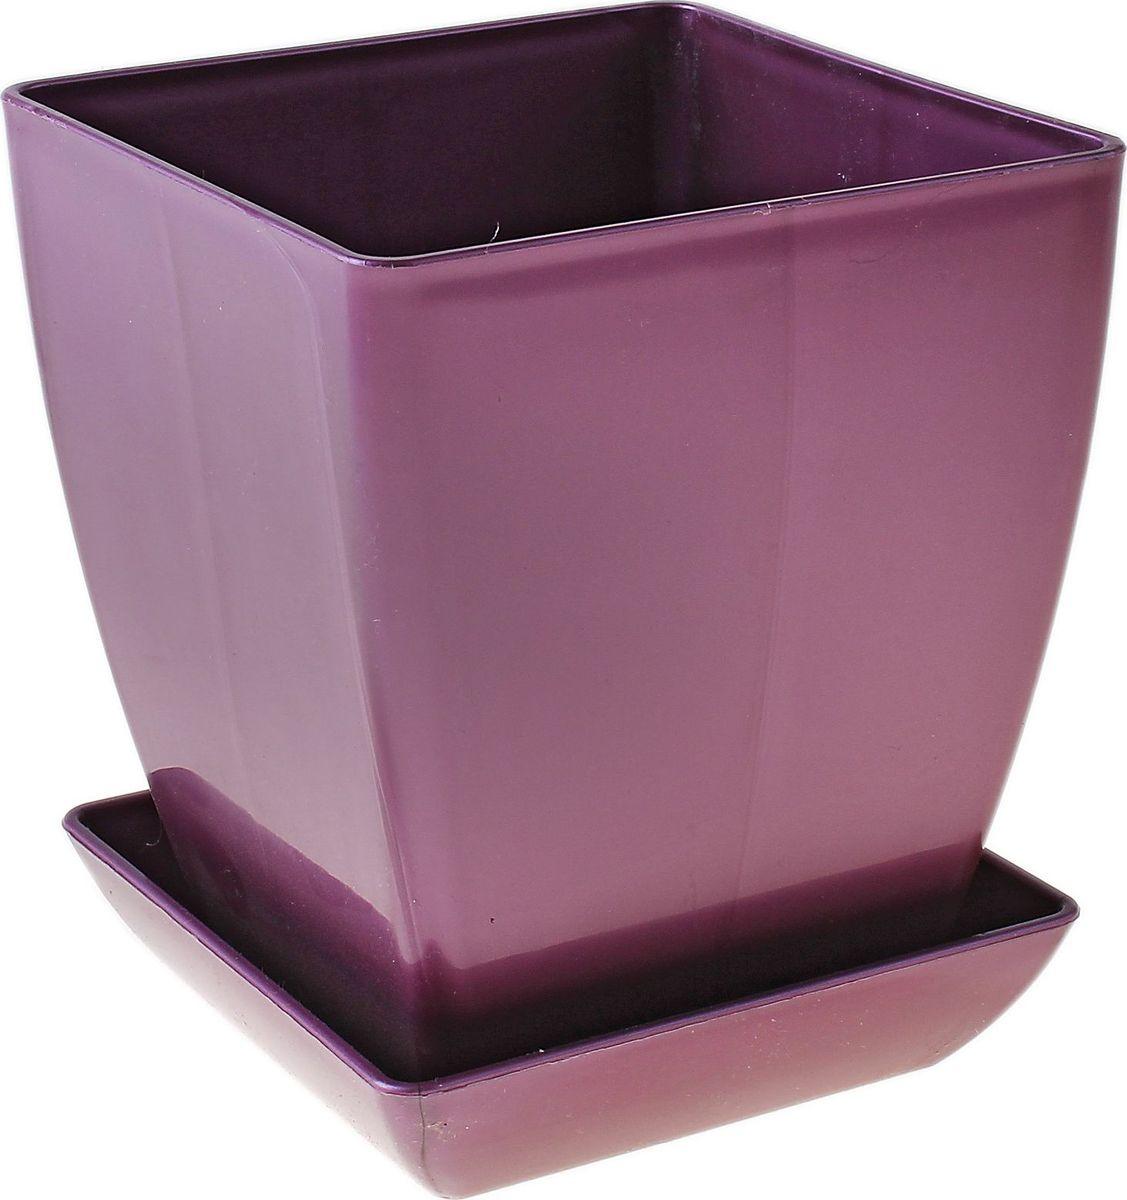 Горшок для цветов Мегапласт Квадрат, с поддоном, цвет: фиолетовый, 1,5 л651042Горшок для цветов Мегапласт Квадрат обладает малым весом и высокой прочностью. С лёгкостью переносите горшки и кашпо с места на место, ставьте их на столики или полки, подвешивайте под потолок, не беспокоясь о нагрузке. Пластиковые изделия не нуждаются в специальных условиях хранения. Их легко чистить - достаточно просто сполоснуть тёплой водой.Пластиковые кашпо не царапают и не загрязняют поверхности, на которых стоят. Пластик дольше хранит влагу, а значит растение реже нуждается в поливе.Пластмасса не пропускает воздух, а значит, корневой системе растения не грозят резкие перепады температур. Соблюдая нехитрые правила ухода, вы можете заметно продлить срок службы горшков, вазонов и кашпо из пластика:- всегда учитывайте размер кроны и корневой системы растения (при разрастании большое растение способно повредить маленький горшок). - берегите изделие от воздействия прямых солнечных лучей, чтобы кашпо и горшки не выцветали. - держите кашпо и горшки из пластика подальше от нагревающихся поверхностей. Любой, даже самый современный и продуманный интерьер будет не завершённым без растений. Они не только очищают воздух и насыщают его кислородом, но и заметно украшают окружающее пространство. Такому полезному члену семьи просто необходимо красивое и функциональное кашпо, оригинальный горшок или необычная ваза!